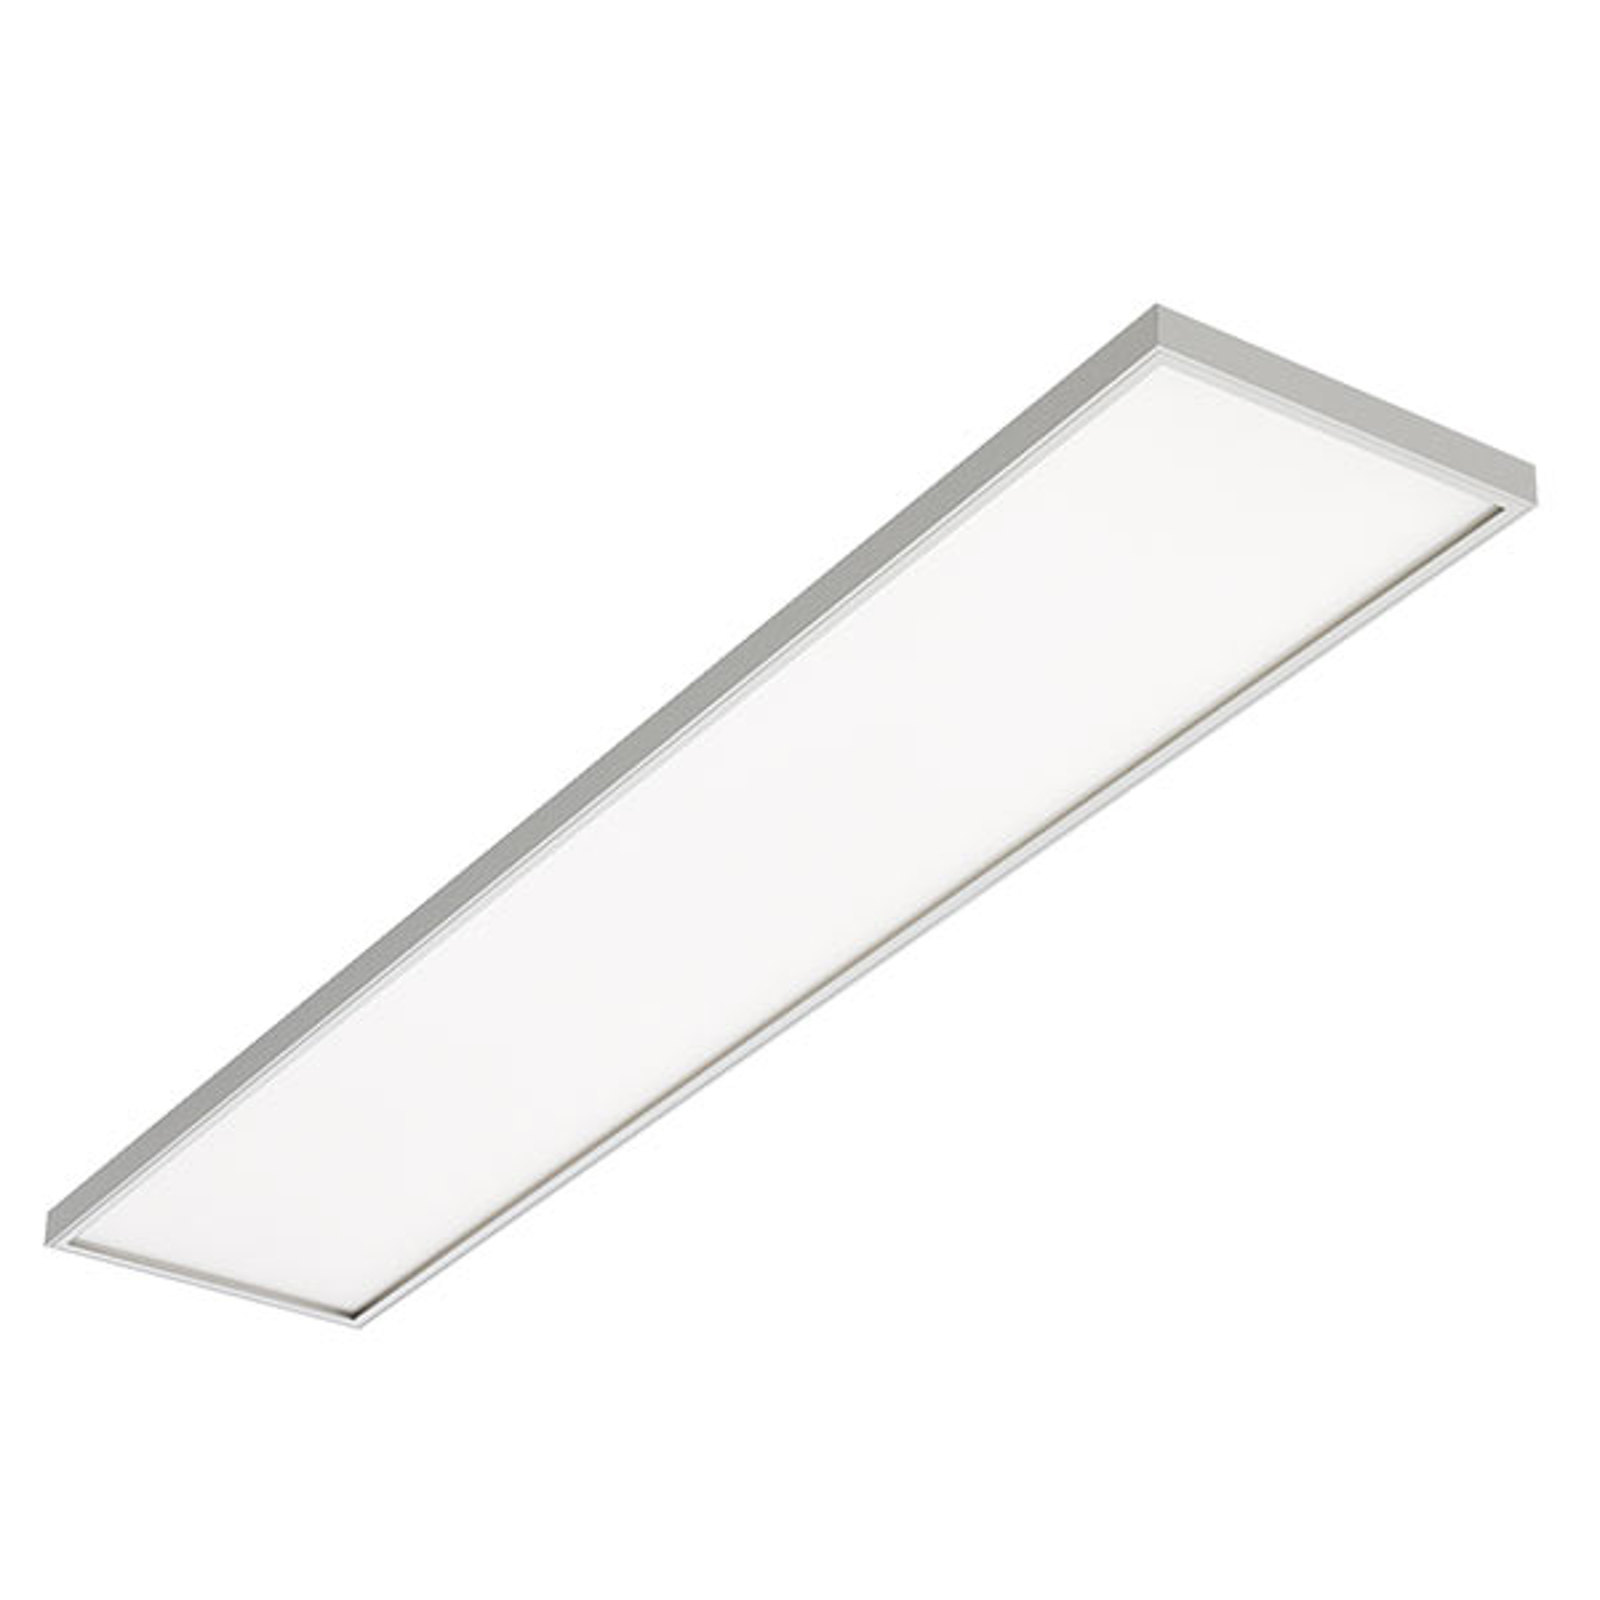 LED-taklampe for kontor C95-S 4000 HF mikroprisma